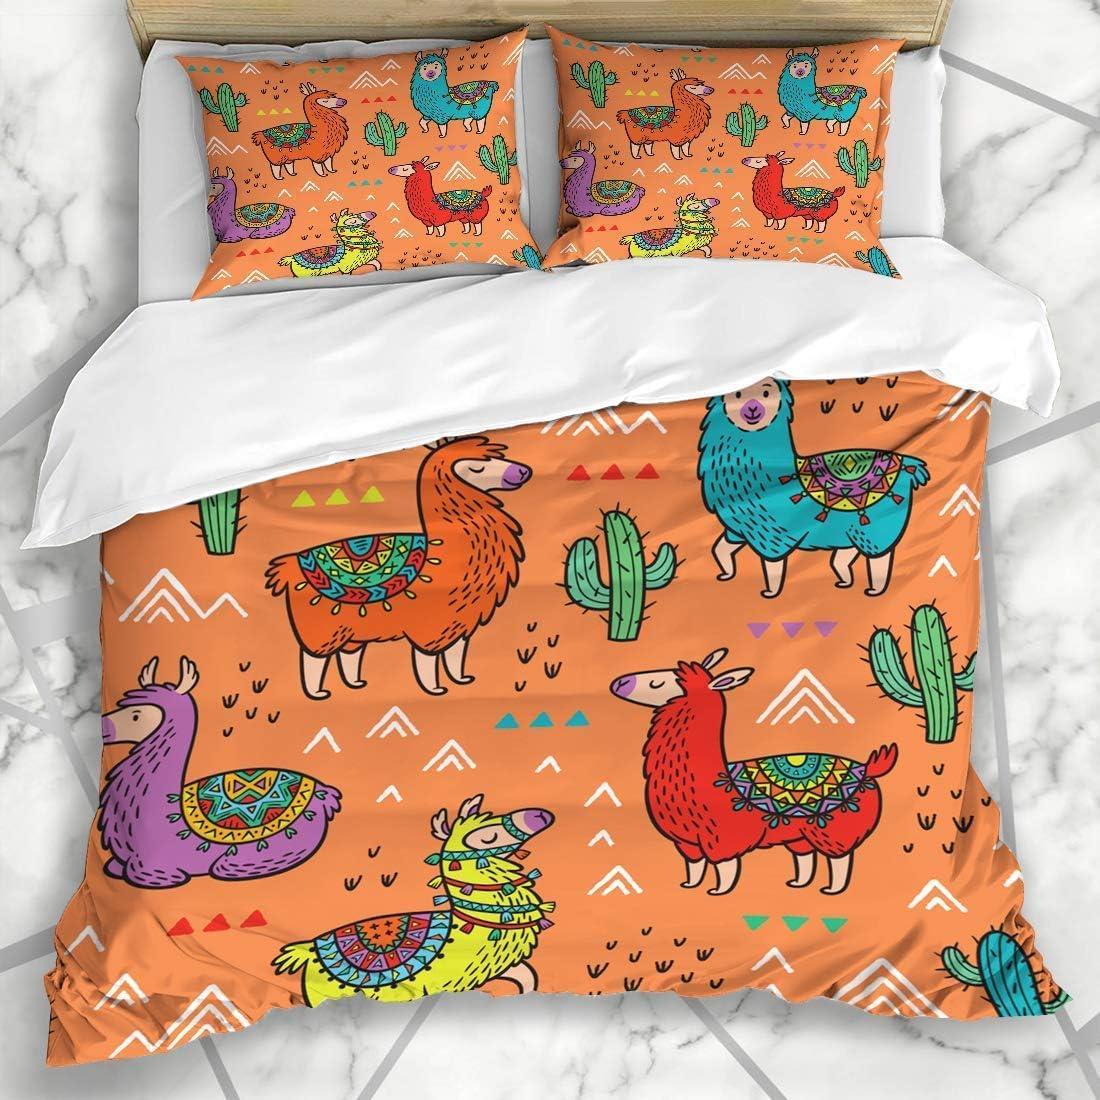 Juegos de fundas nórdicas North Alpaca Lamas Patrón de llama ideal Lindo diseño de dibujo de cactus de Perú Ropa de cama de microfibra artística con 2 fundas de almohada Fácil cuidado Anti-alérgico Su